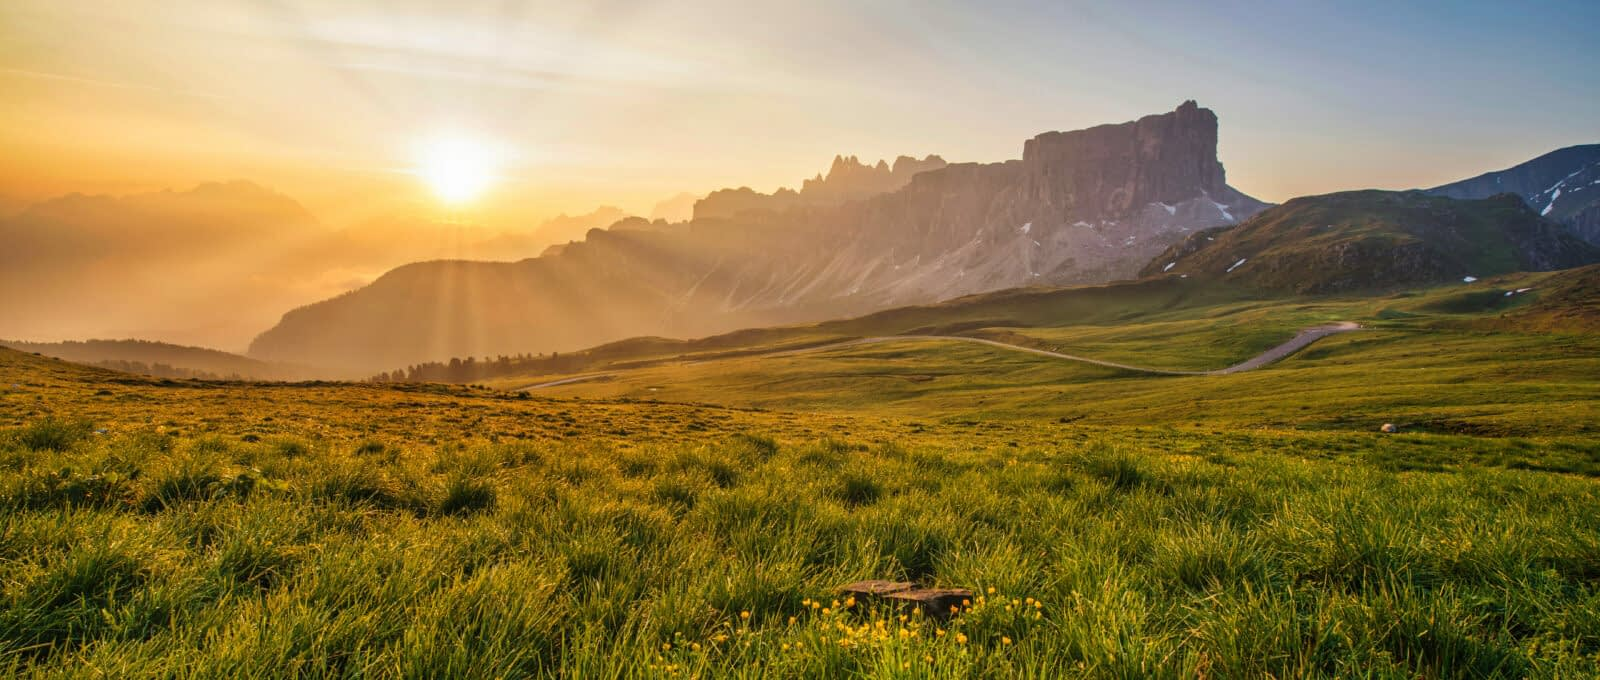 landscape sun